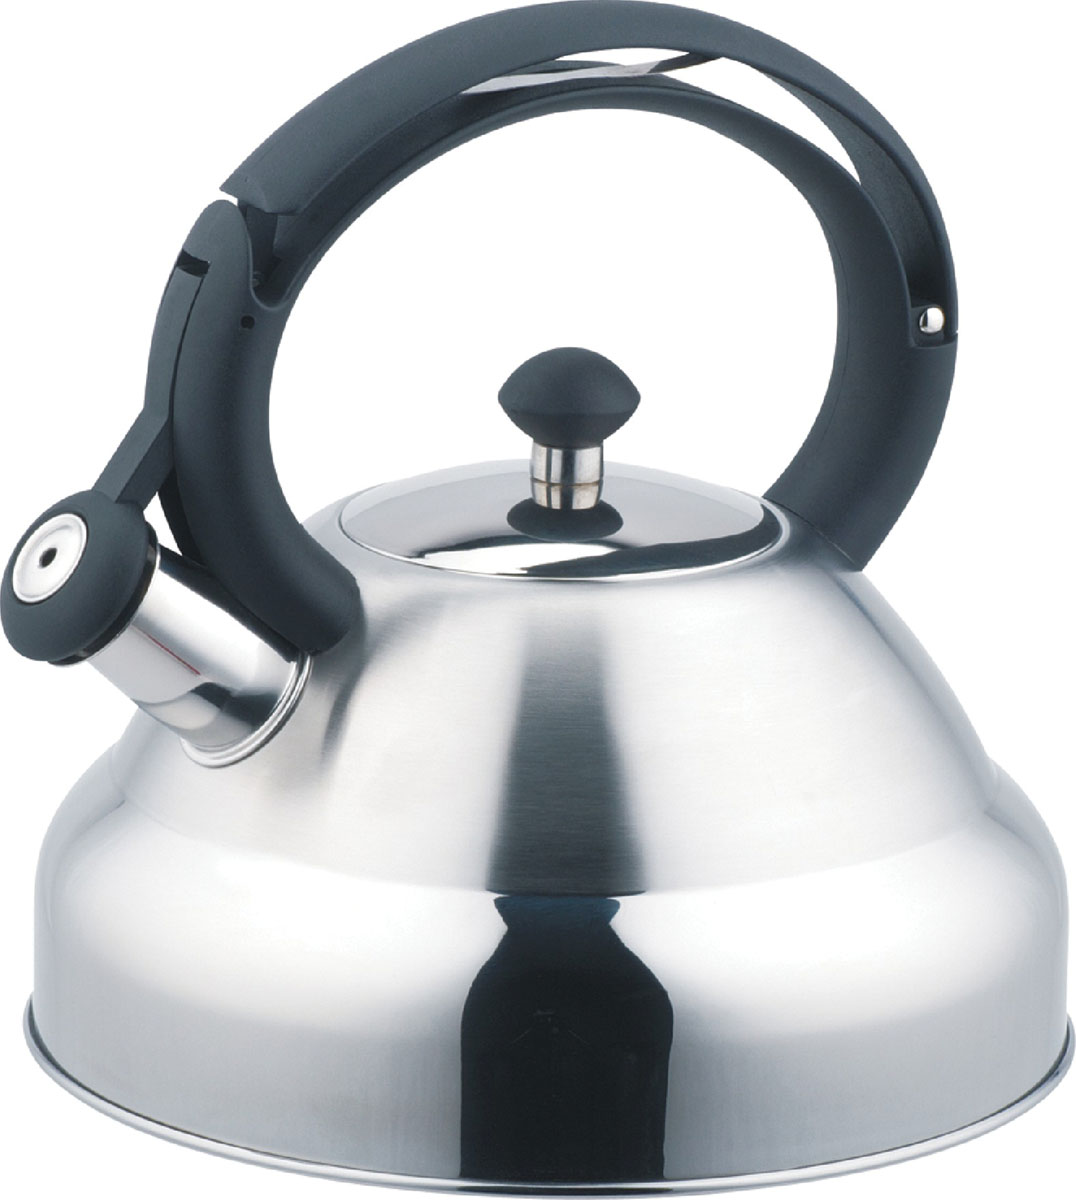 Чайник Bekker De Luxe со свистком, 2,7 л. BK-S403115510Чайник Bekker De Luxe изготовлен из высококачественной нержавеющей стали 18/10. Поверхность матовая с зеркальной полосой внизу. Капсулированное дно распределяет тепло по всей поверхности, что позволяет чайнику быстро закипать. Эргономичная фиксированная ручка выполнена из бакелита черного цвета. Носик оснащен откидным свистком, который подскажет, когда вода закипела. Свисток открывается и закрывается нажатием кнопки на рукоятке. Подходит для всех типов плит, включая индукционные. Можно мыть мыть в посудомоечной машине.